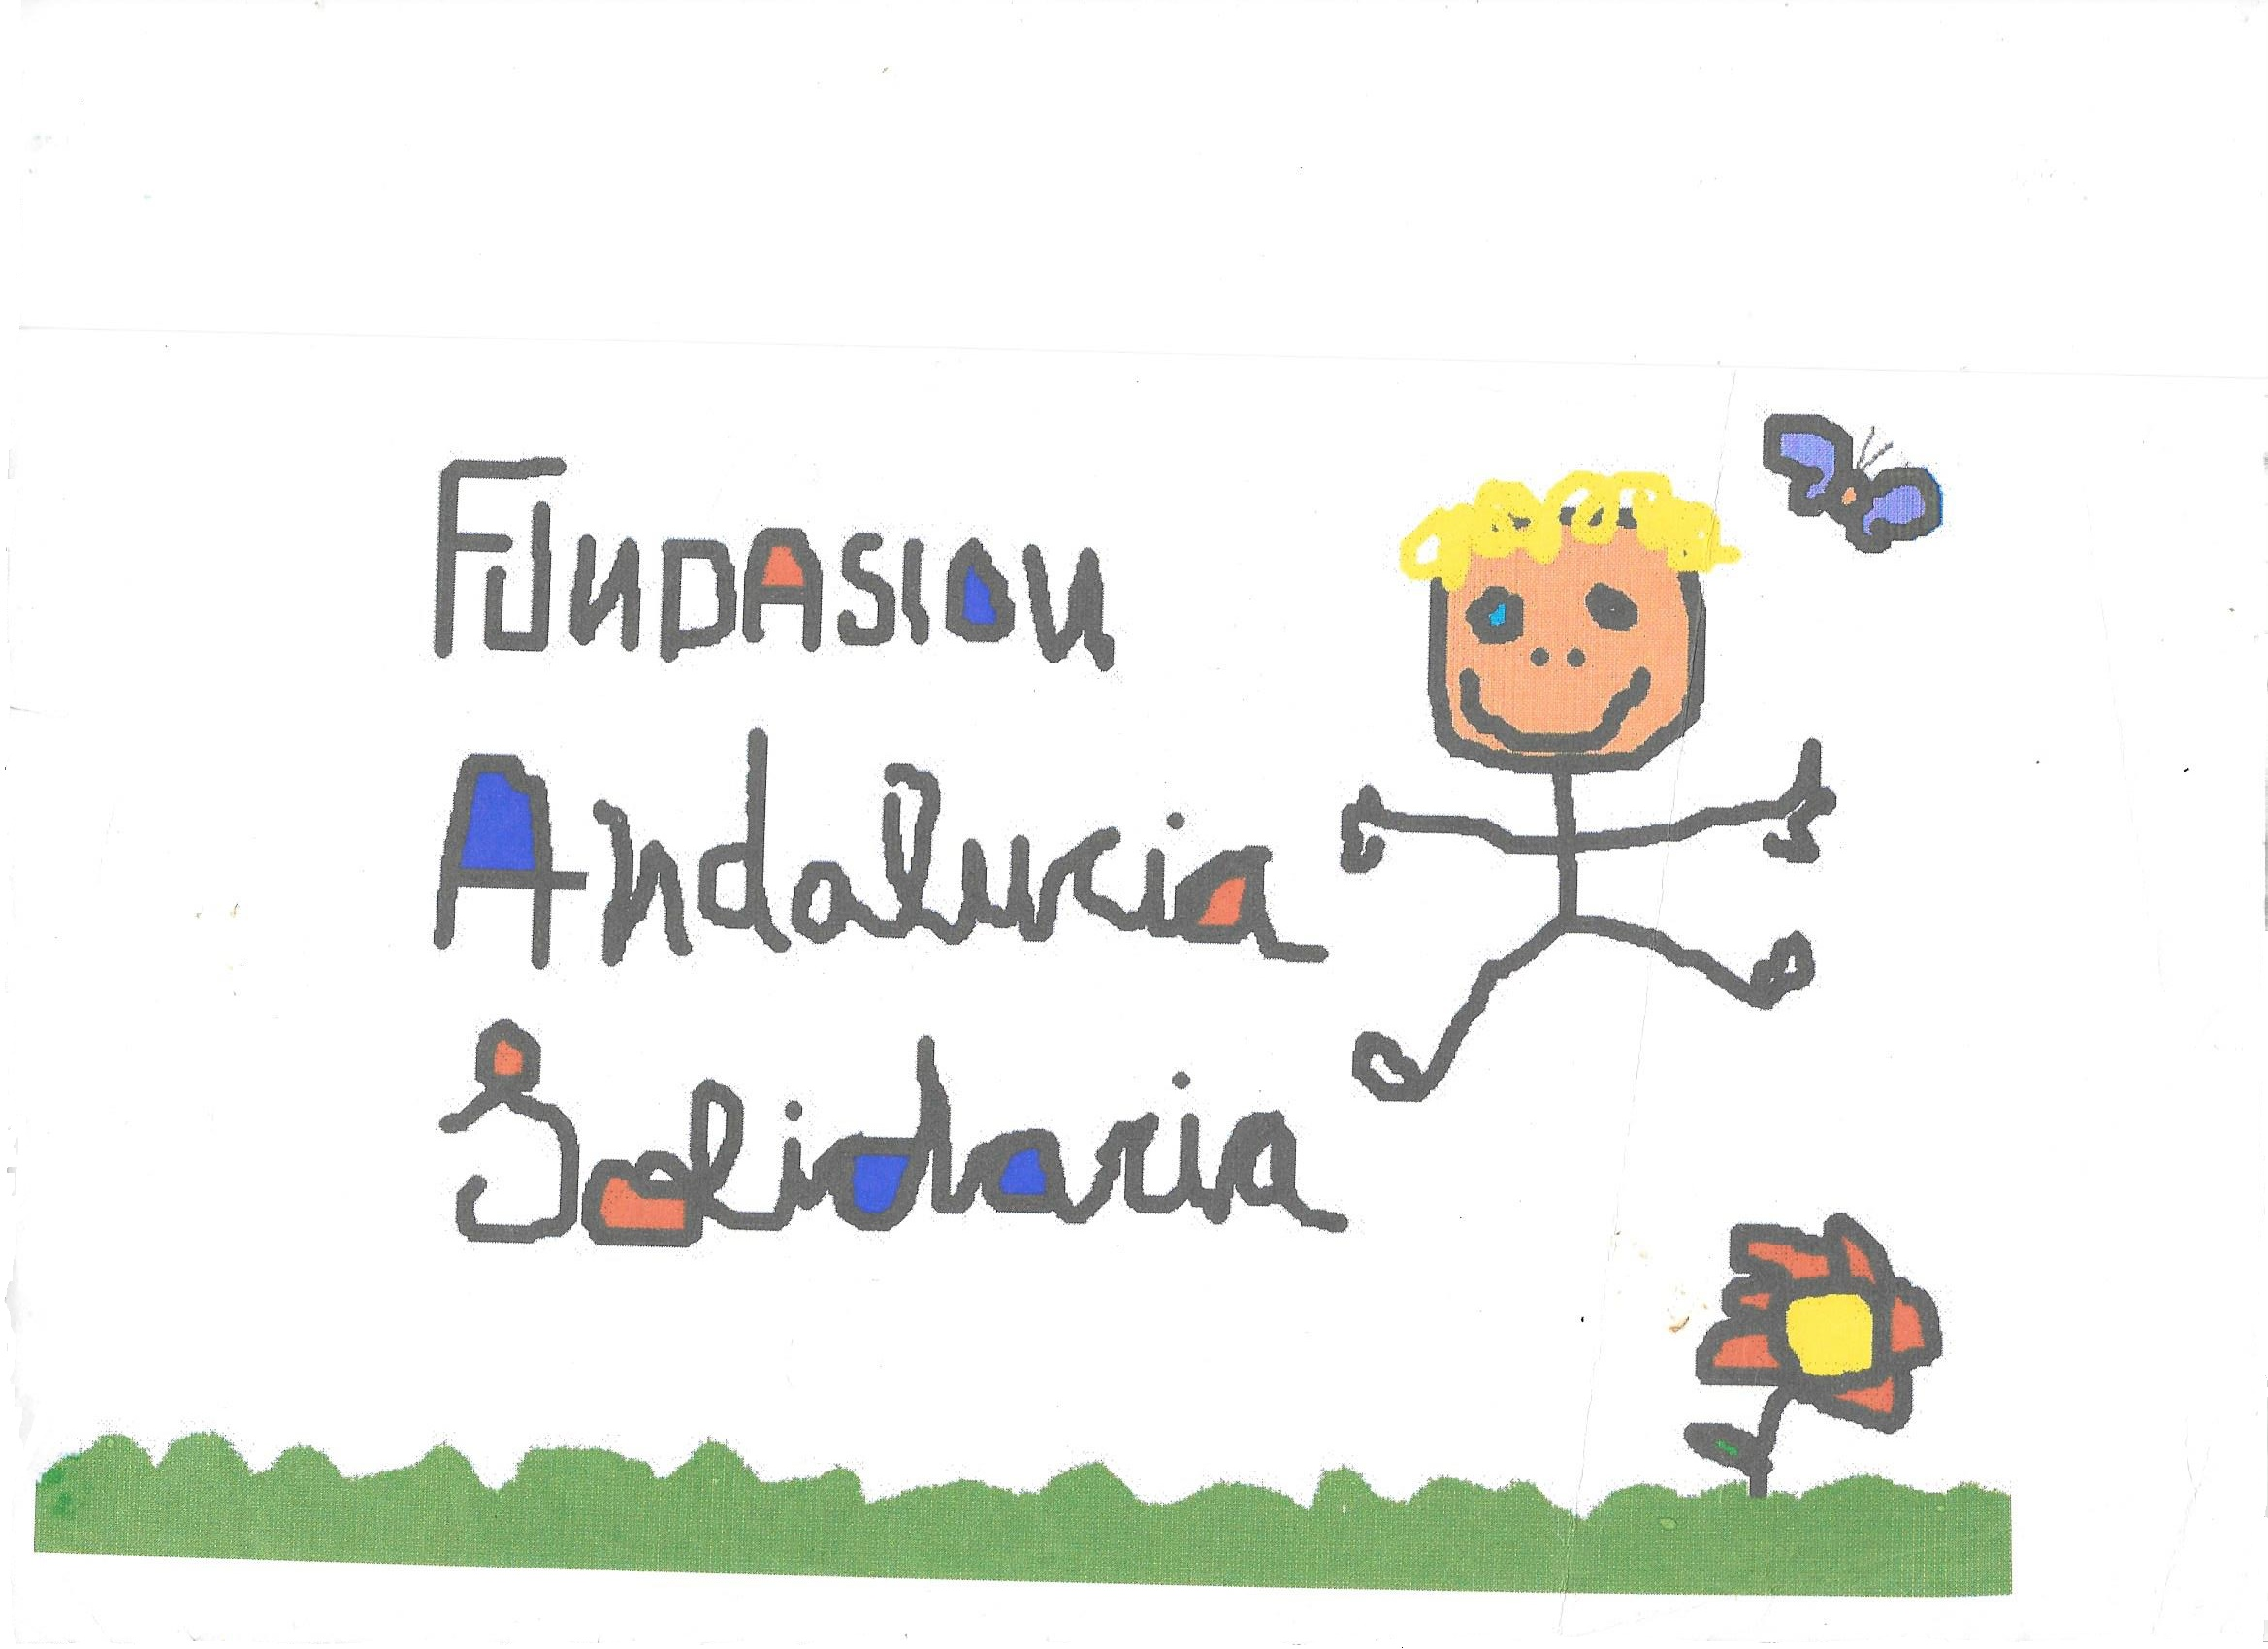 anagrama de la fundación